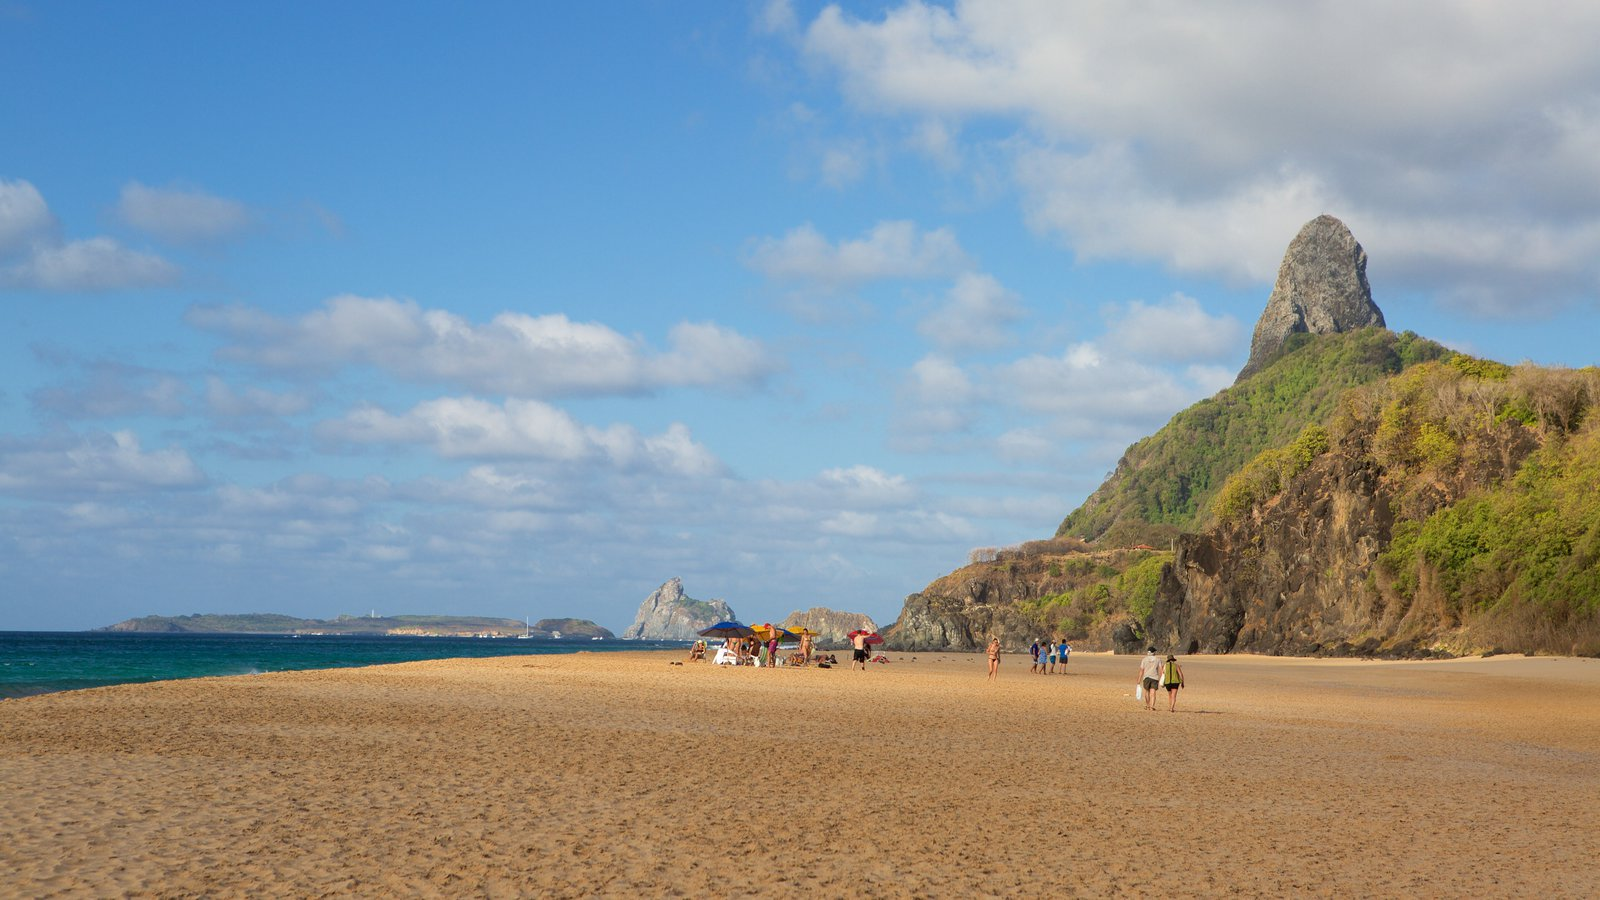 Praia Cacimba do Padre caracterizando uma praia de areia, paisagens litorâneas e montanhas